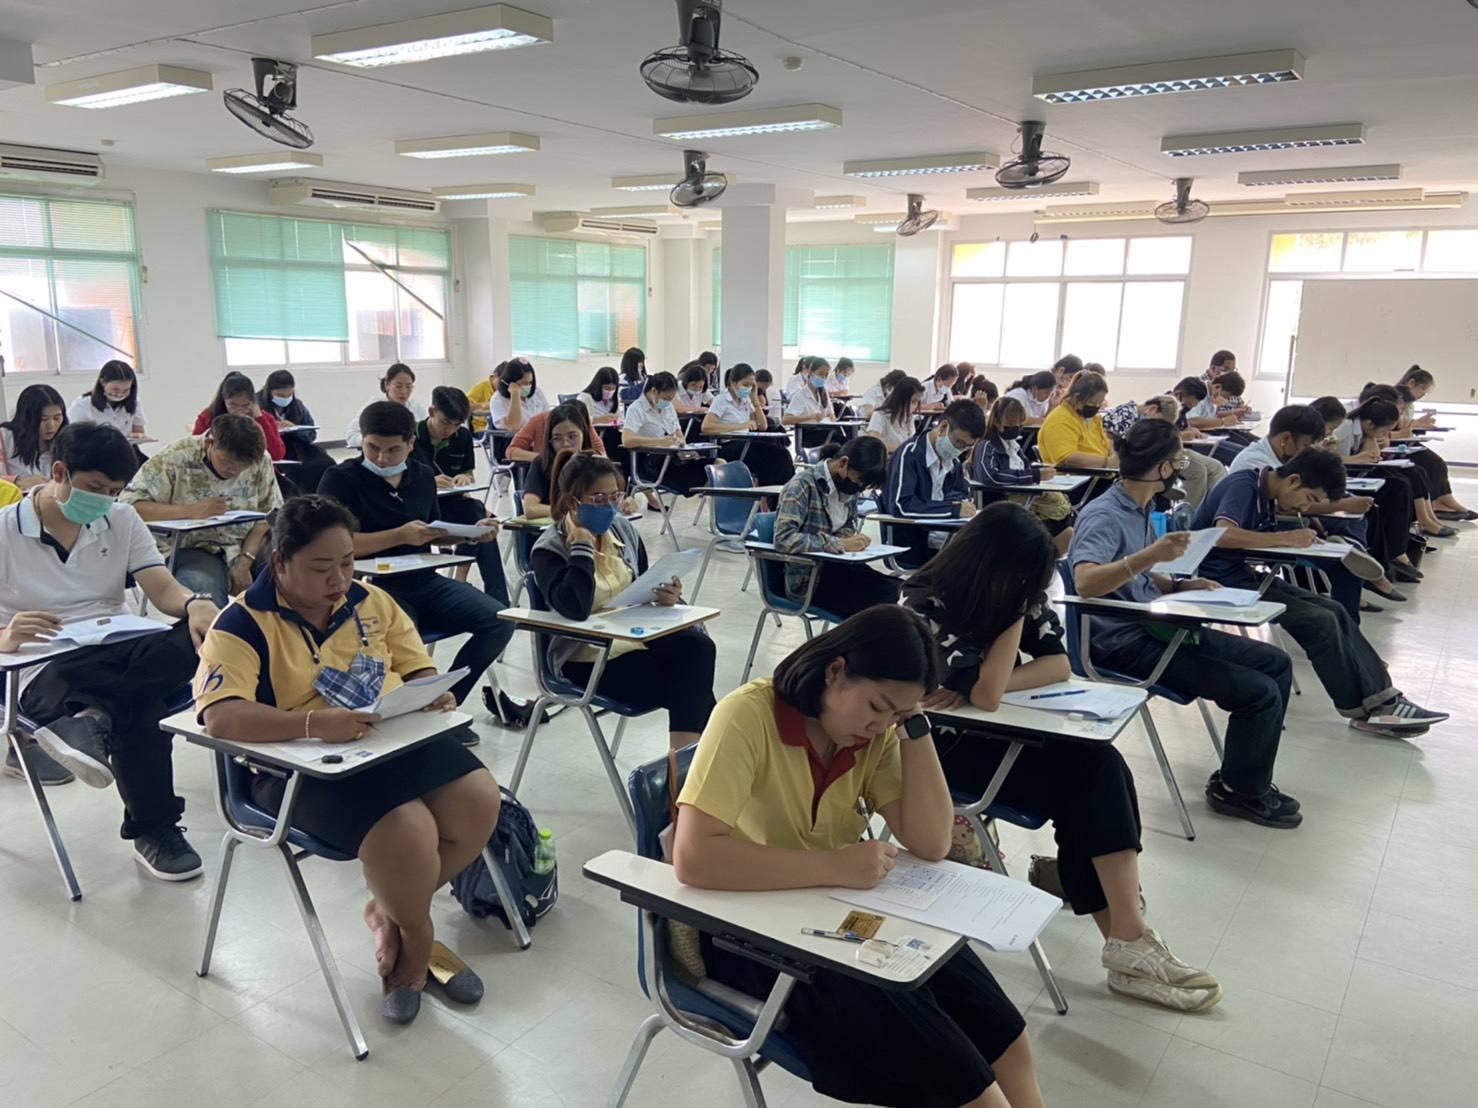 ศูนย์ภาษา สป. จัดสอบ DRU Test แบบ paper-based